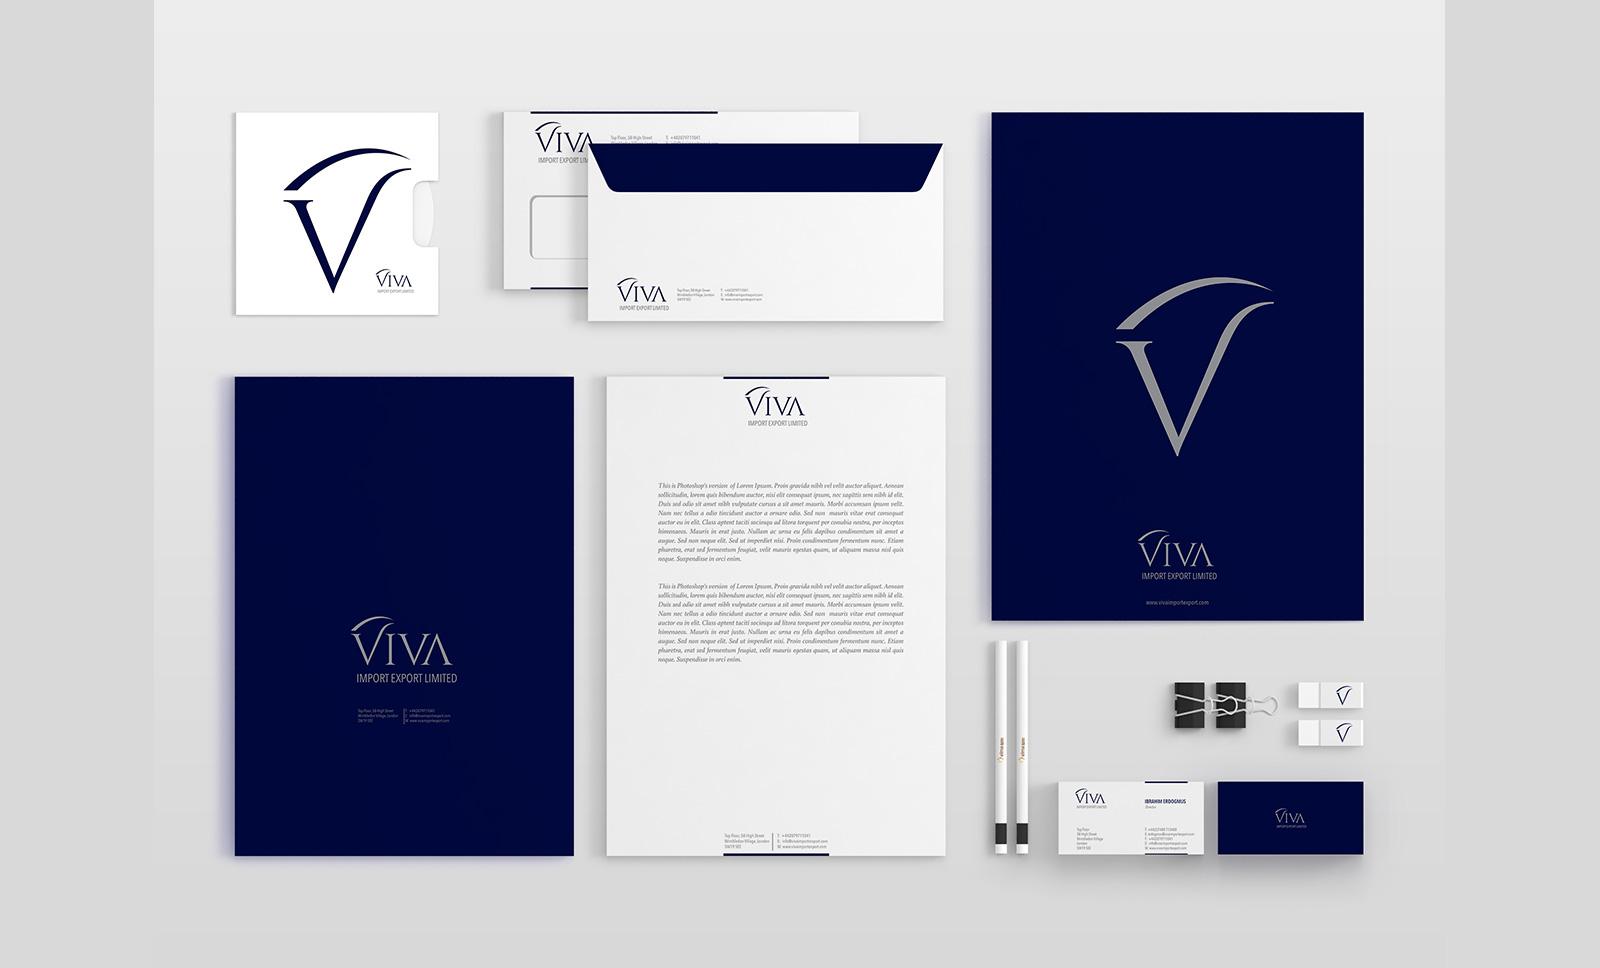 Creas Creative Tasarım ve Reklam Ajansı İzmir - Viva Logo ve Kurumsal Kimlik Tasarımları